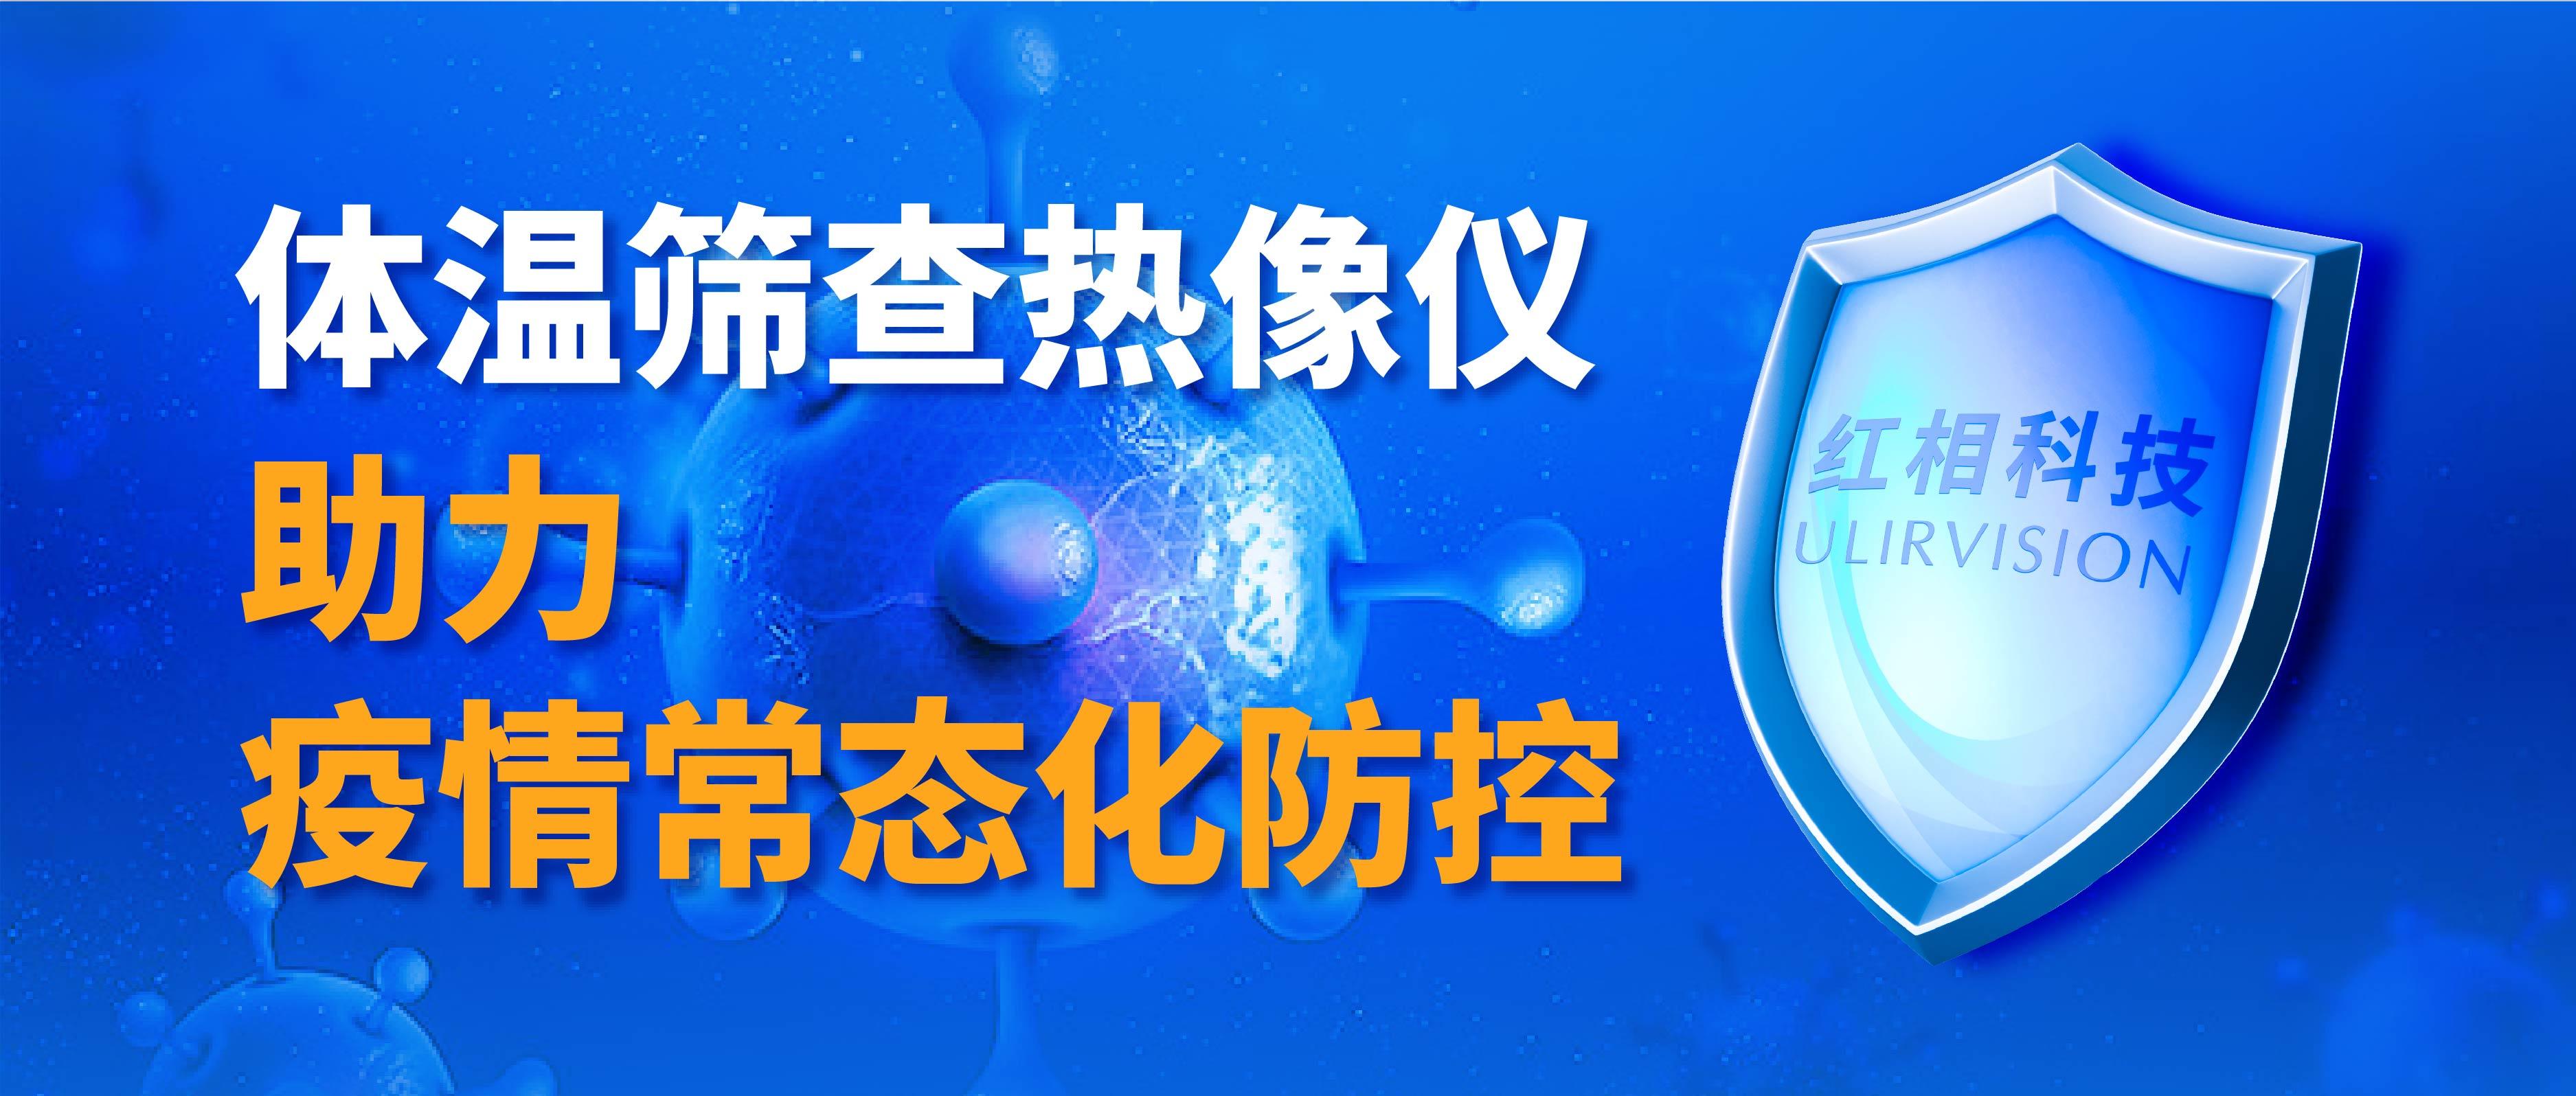 红相科技|体温筛查热像仪助力疫情常态化防控